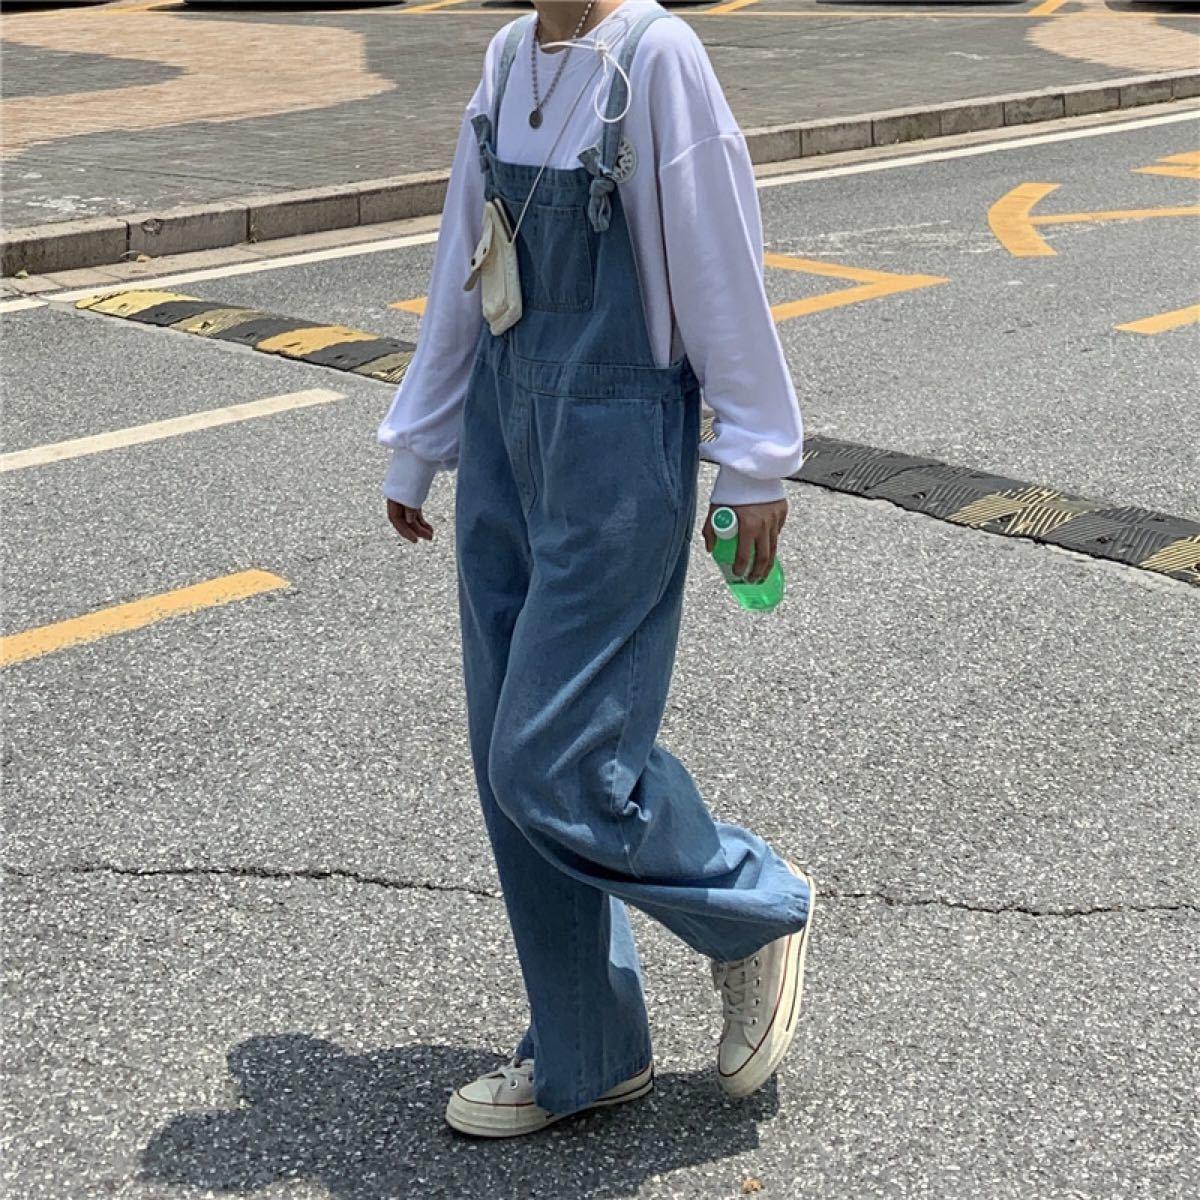 オーバーオール【人気】デニム サロペット オールインワン ユニセックス 男女兼用 レディース メンズ